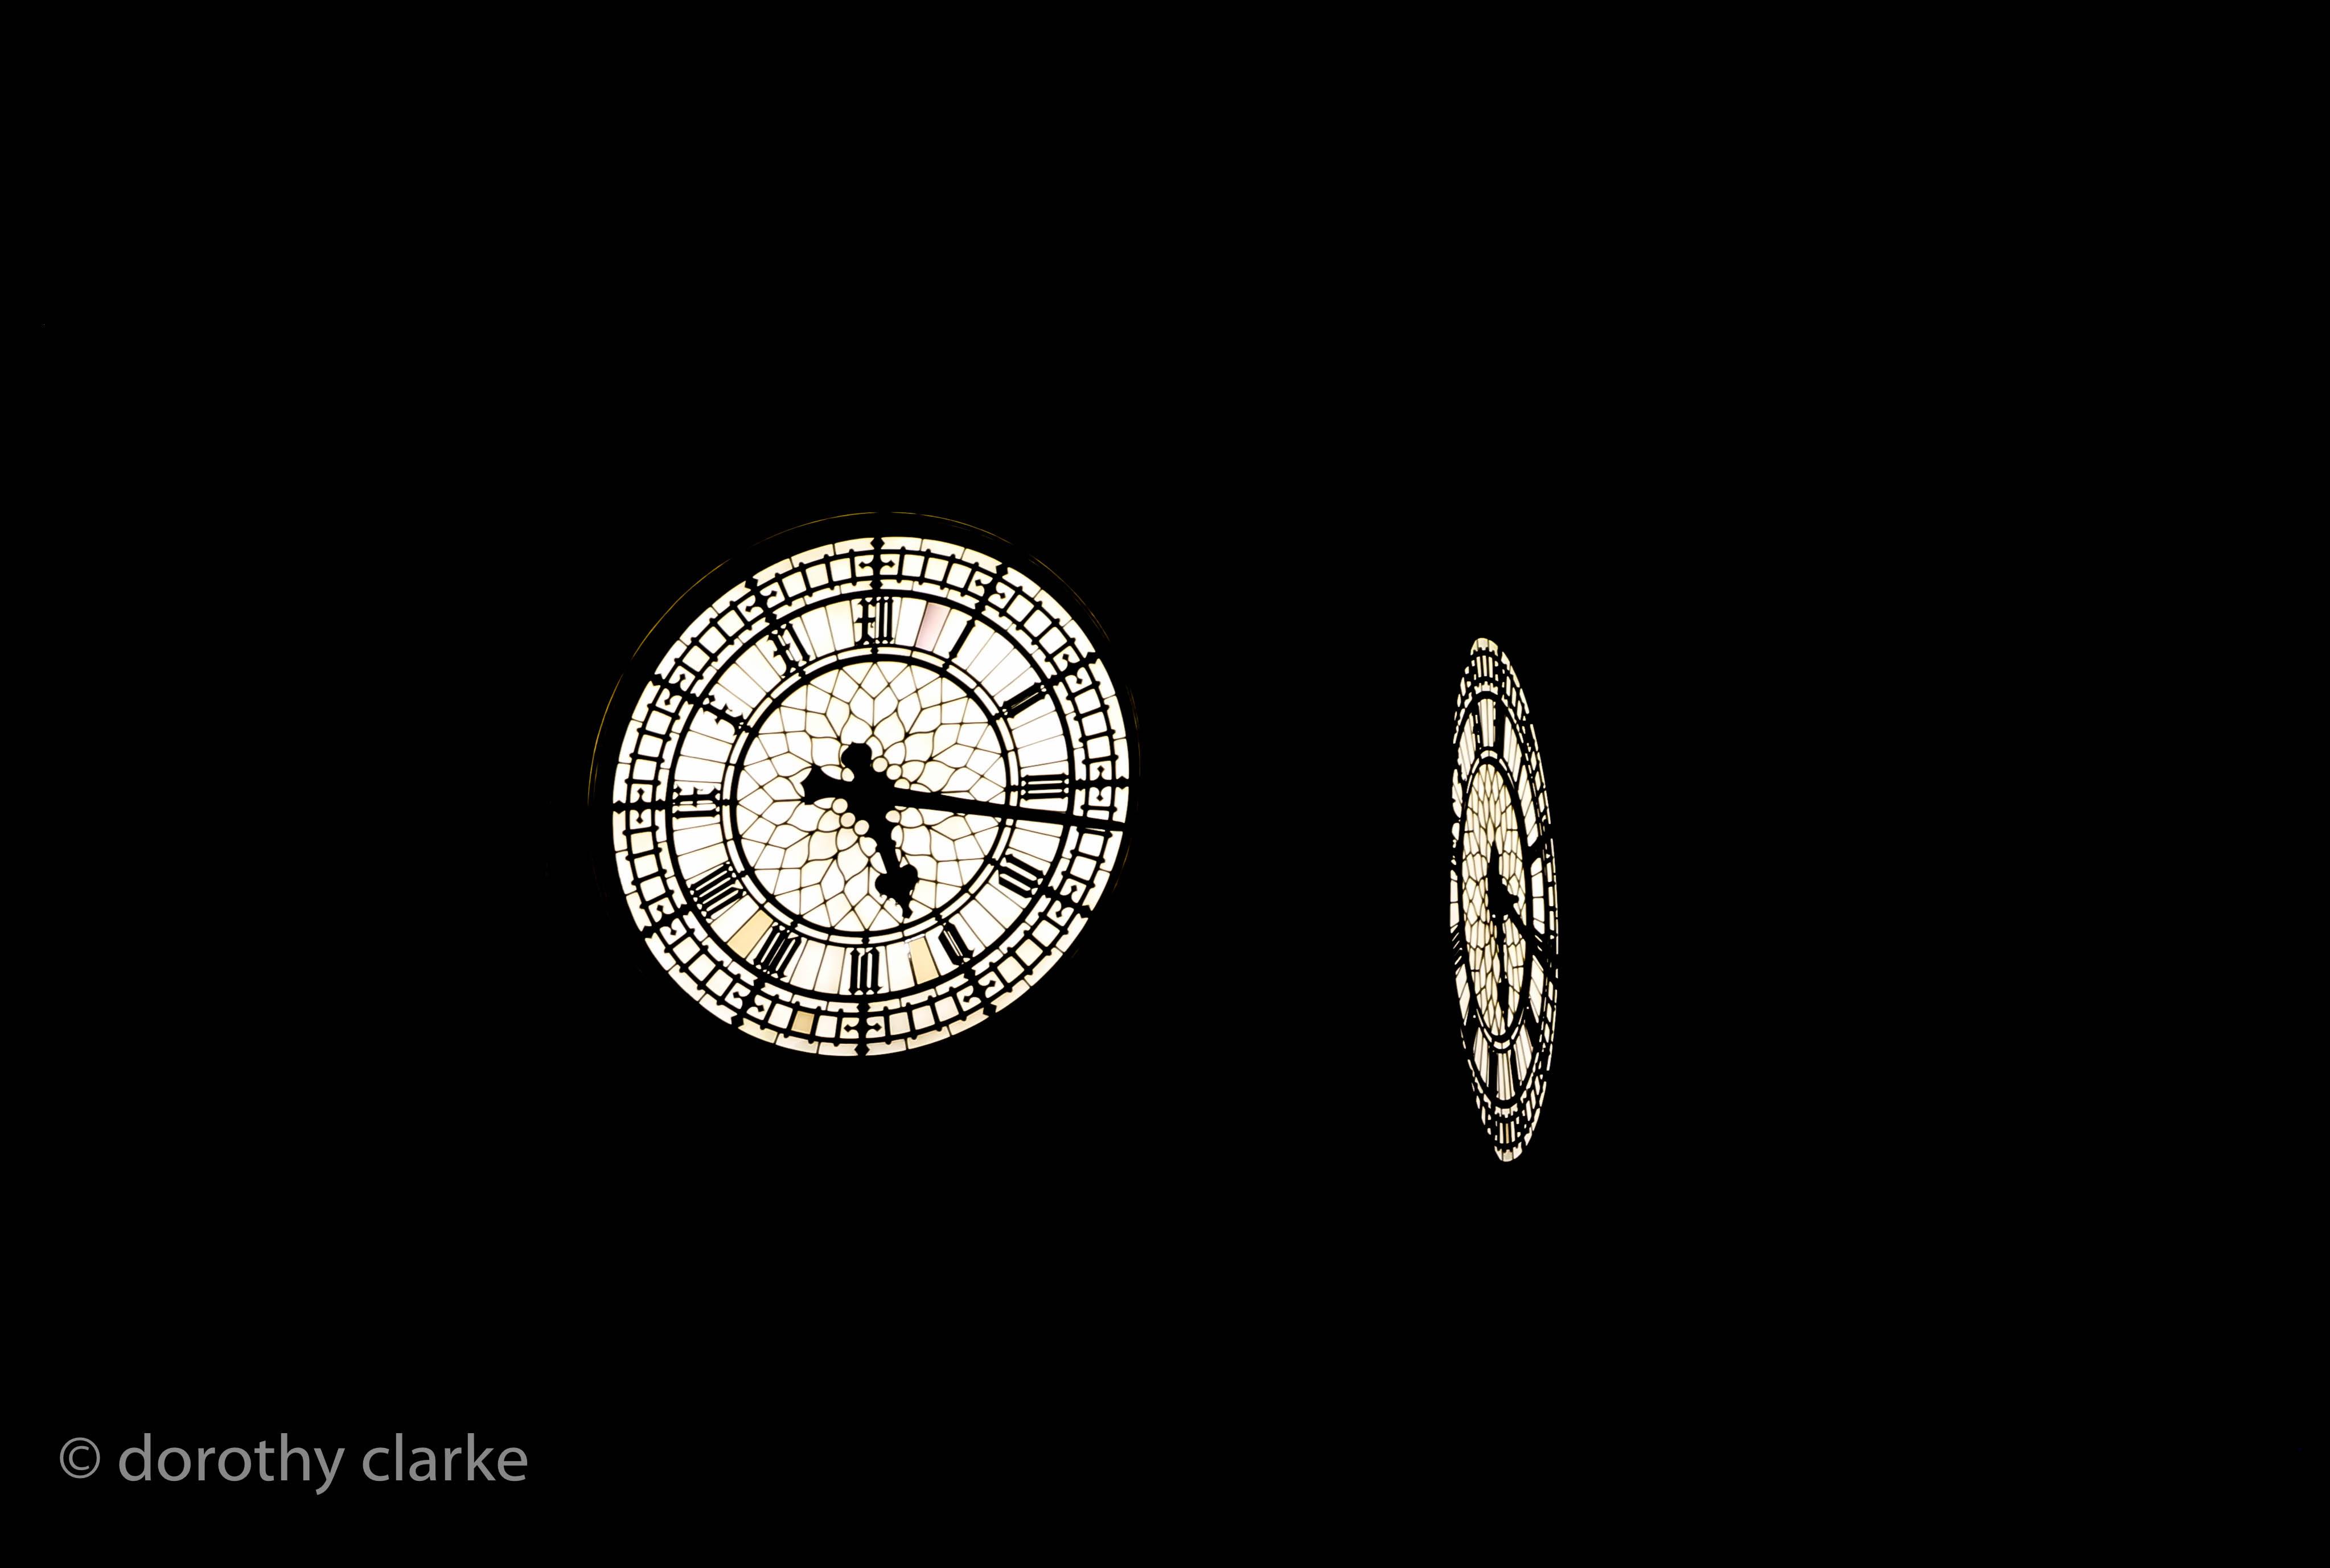 Big Ben in the dark